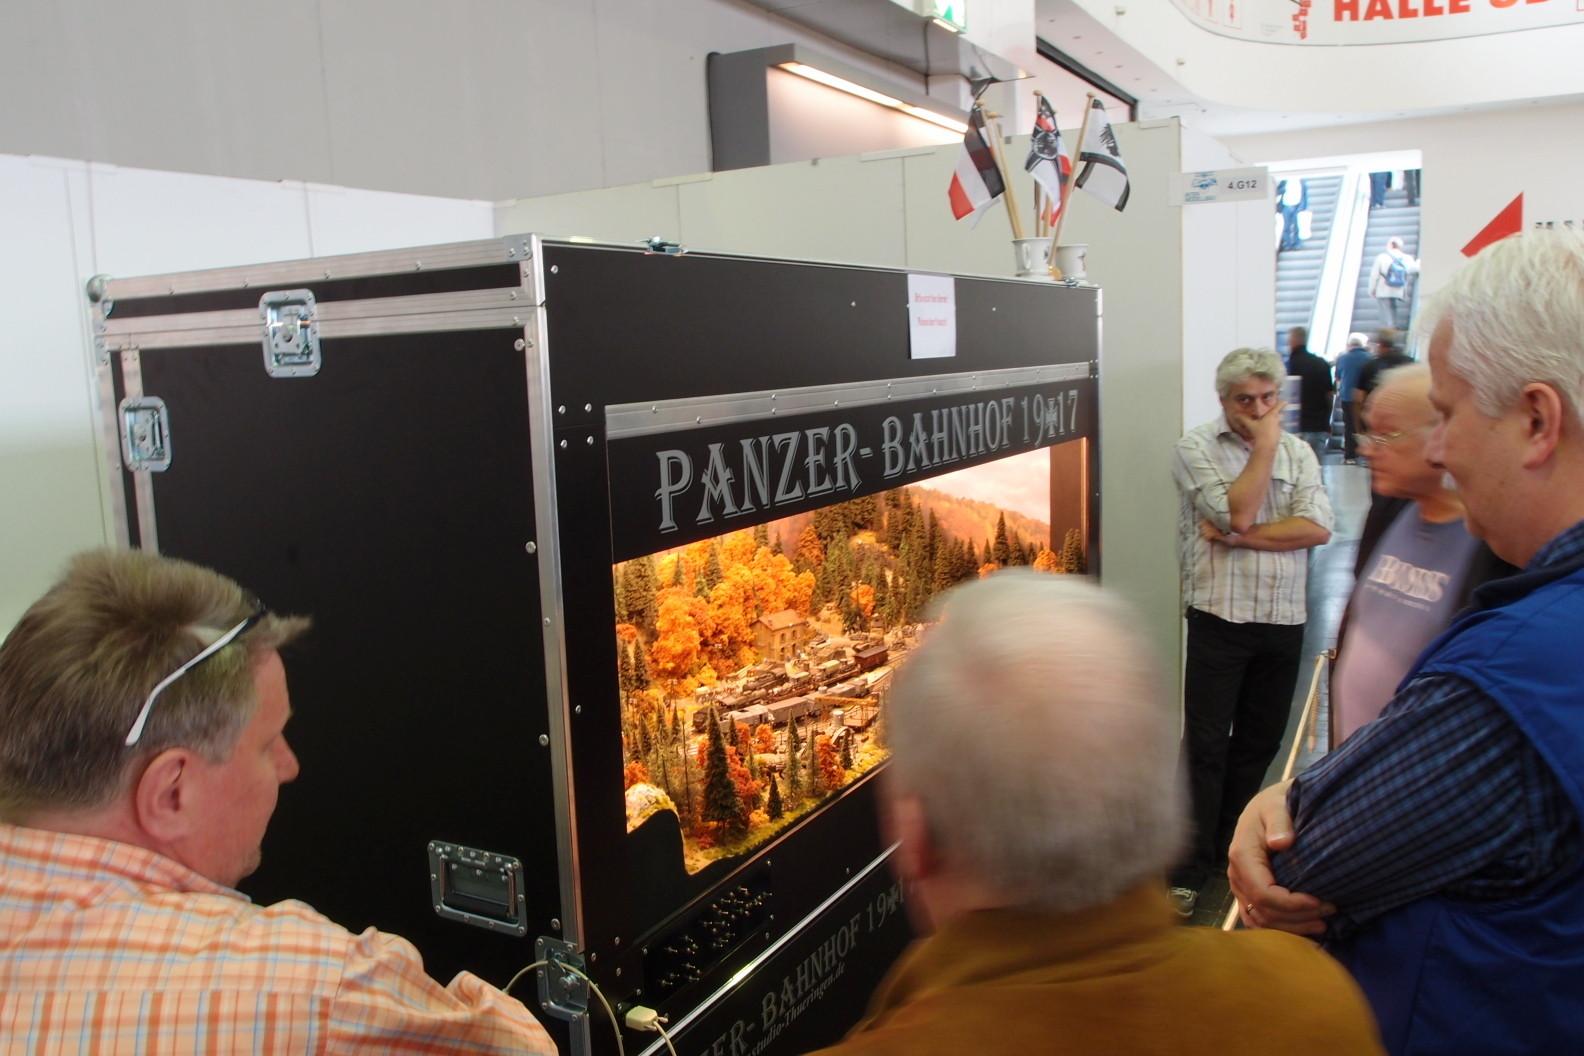 Diorama Panzerverladung